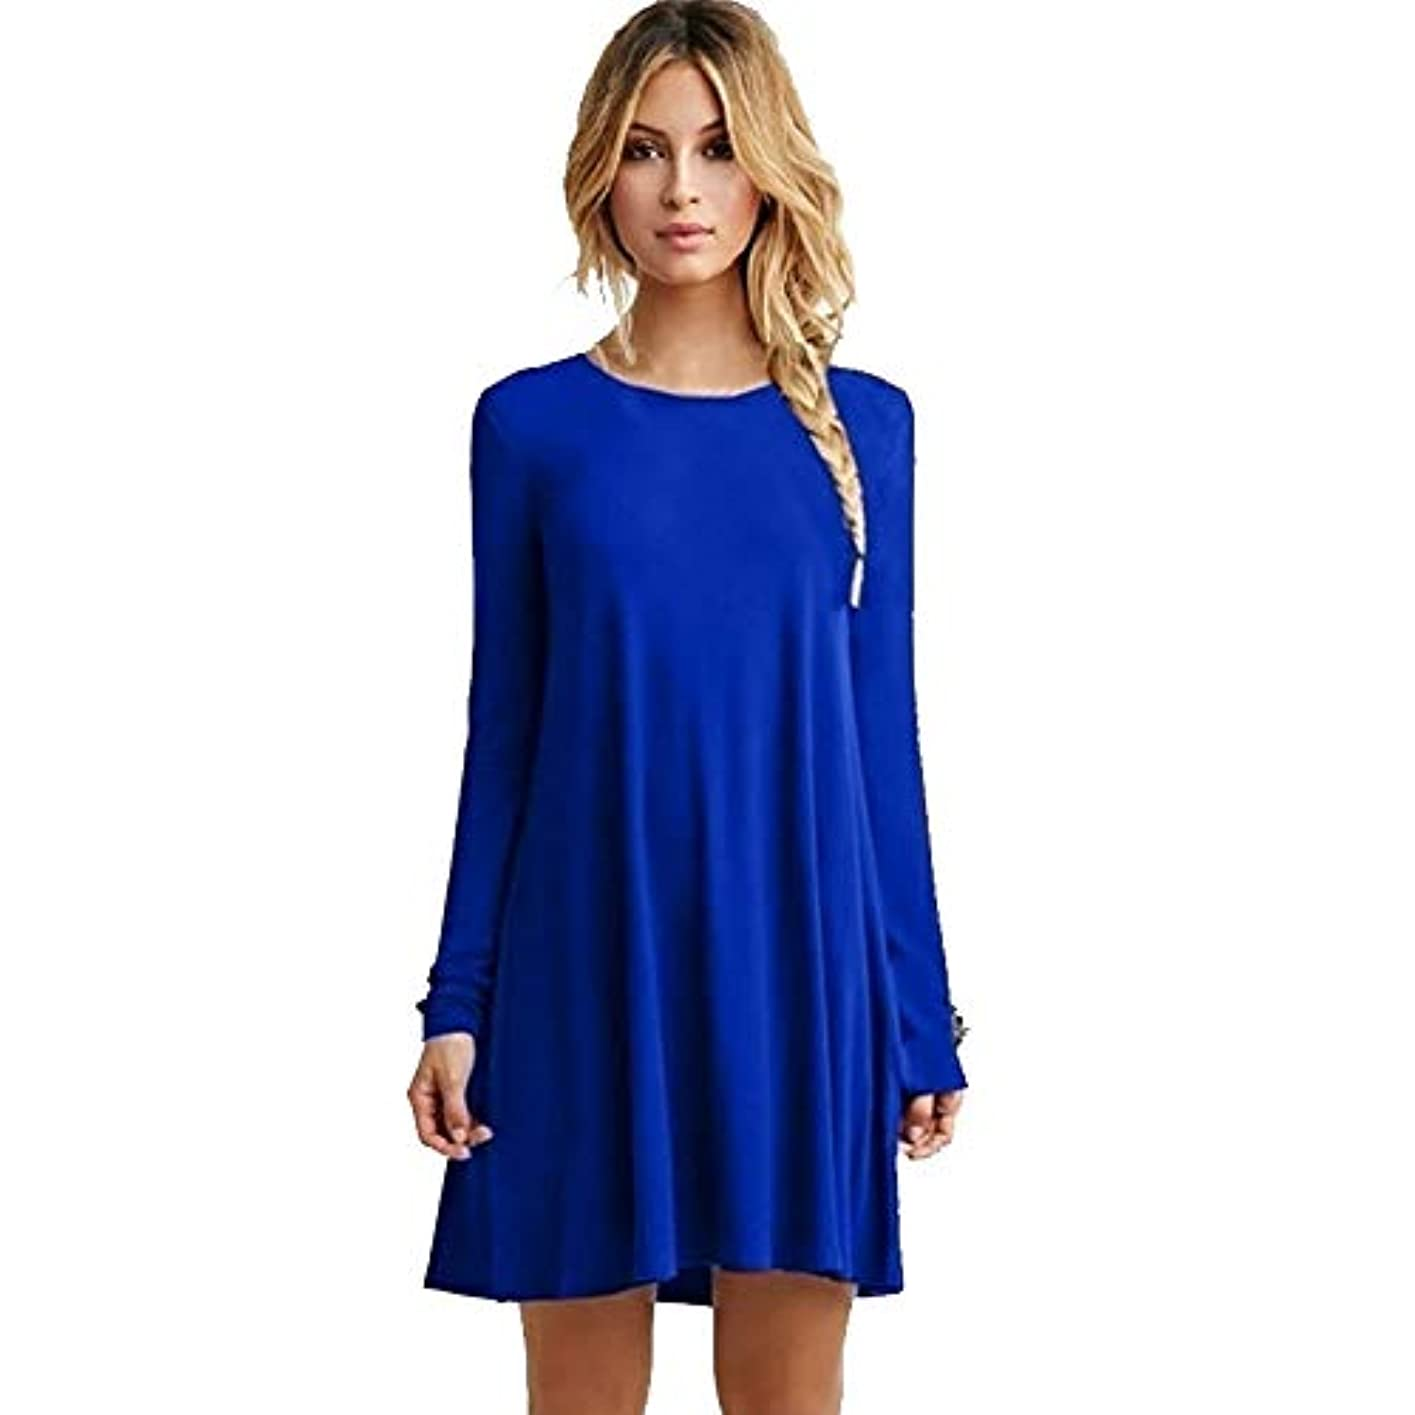 アセ腰修道院MIFANルースドレス、プラスサイズのドレス、長袖のドレス、女性のドレス、秋のドレス、マキシドレス、コットンドレス